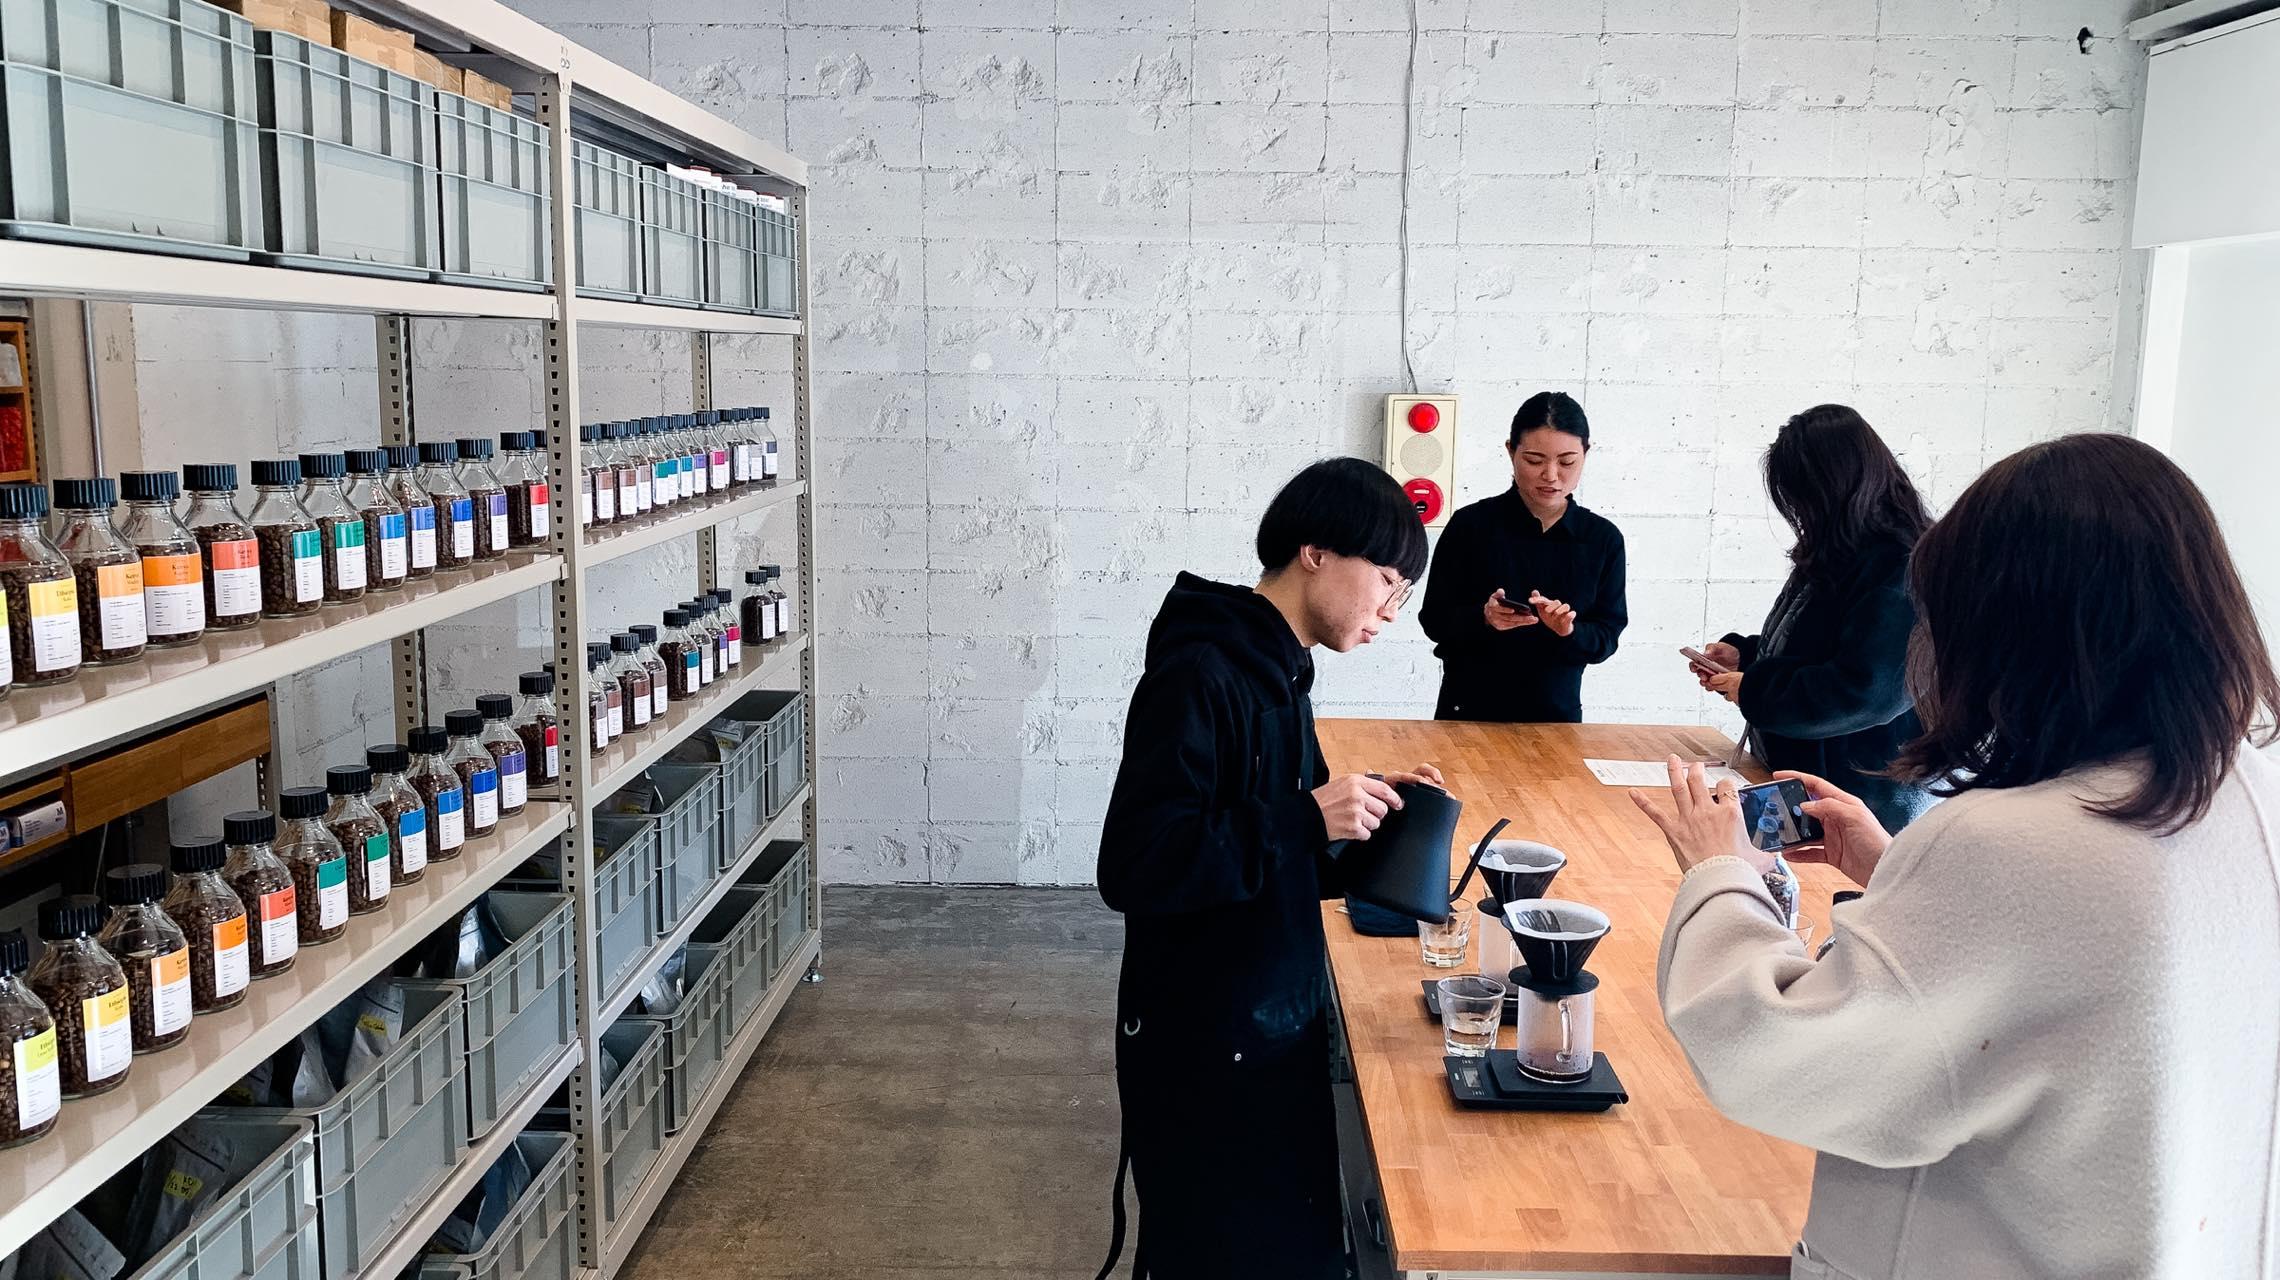 もっと自分好みのコーヒーを。定額サービス「PostCoffee」が体験型ショップを開設